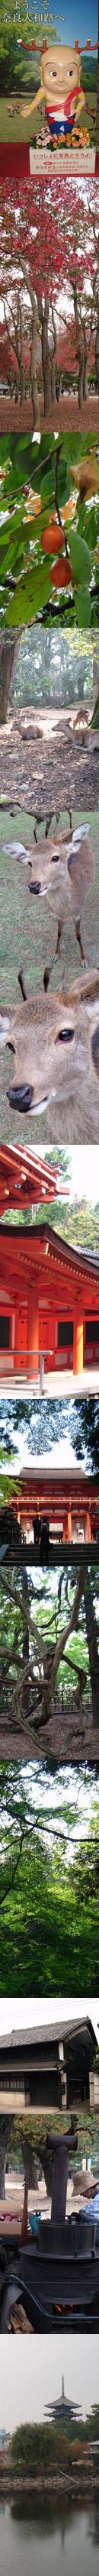 ジャパン・トリップ(3) 奈良公園